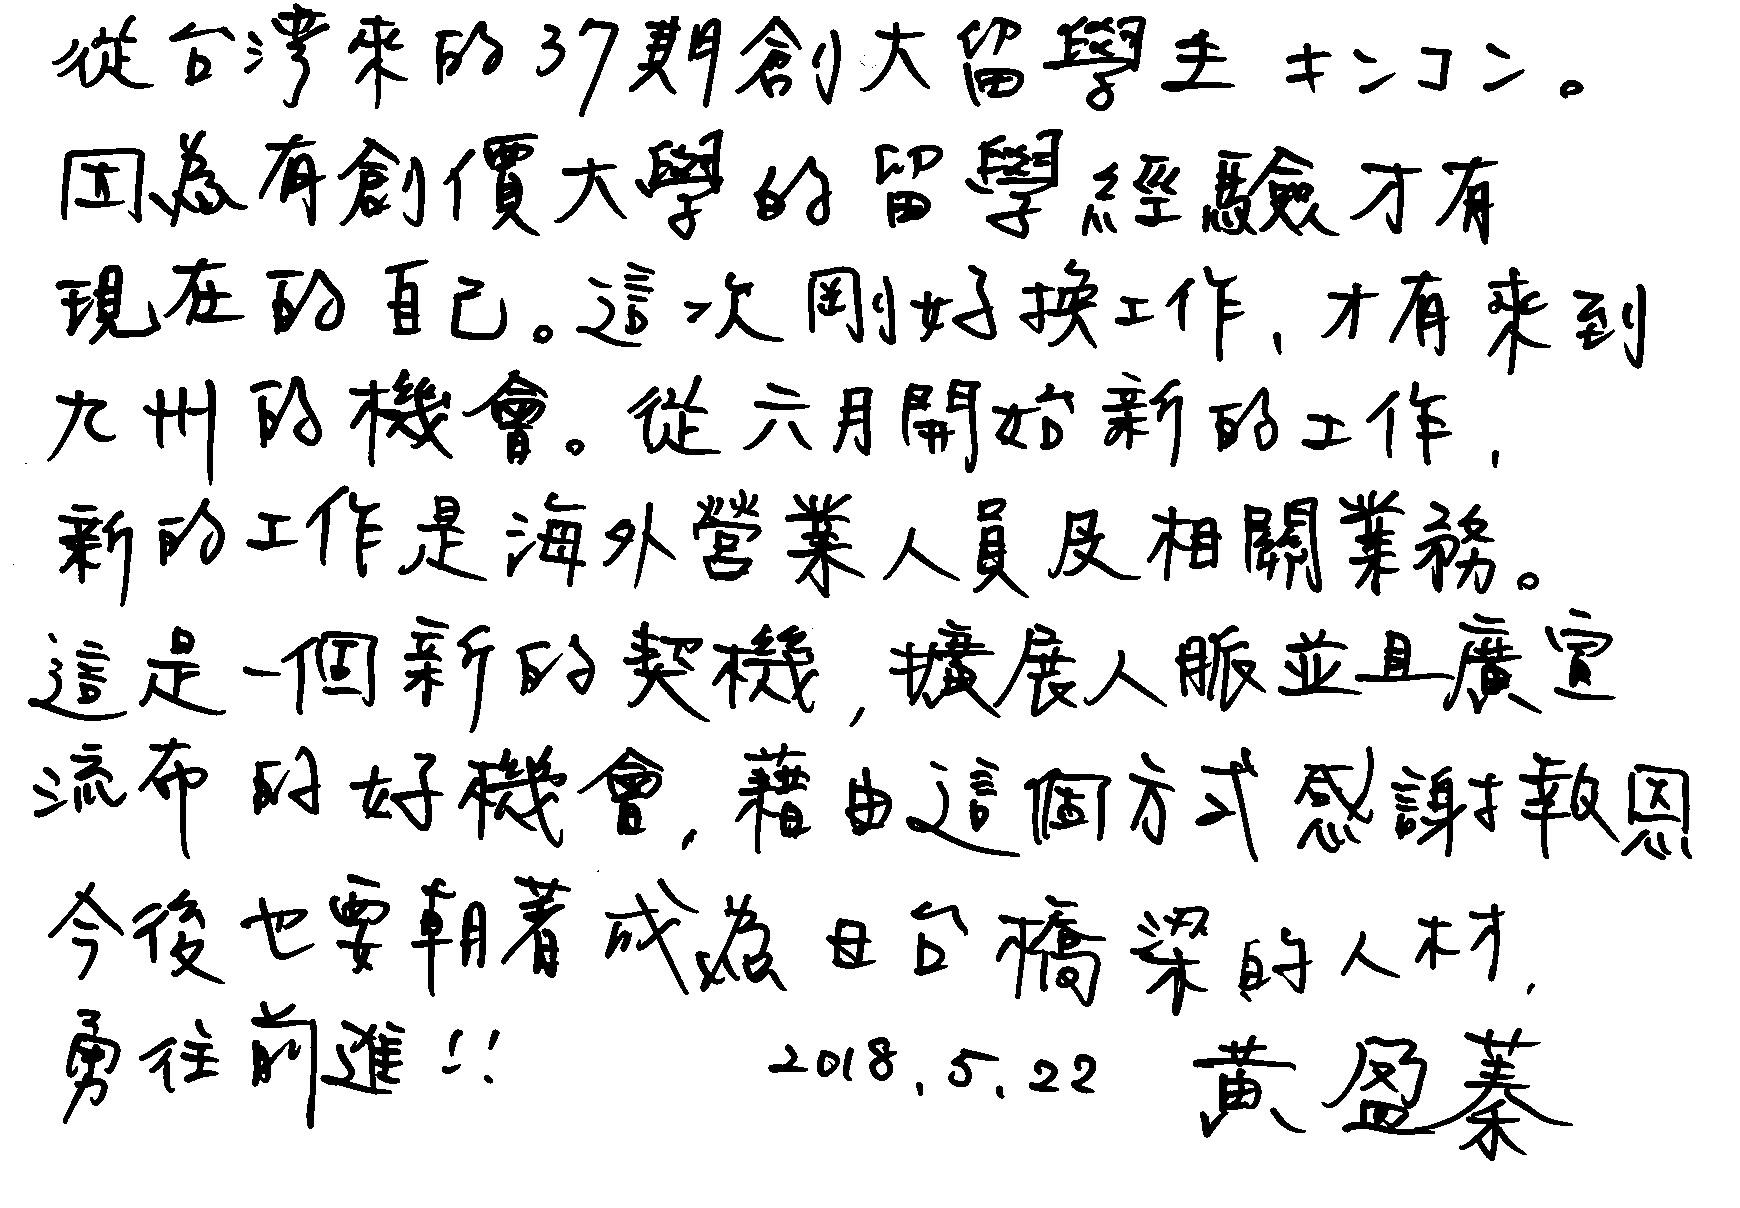 長崎創価学会 台湾メンバー